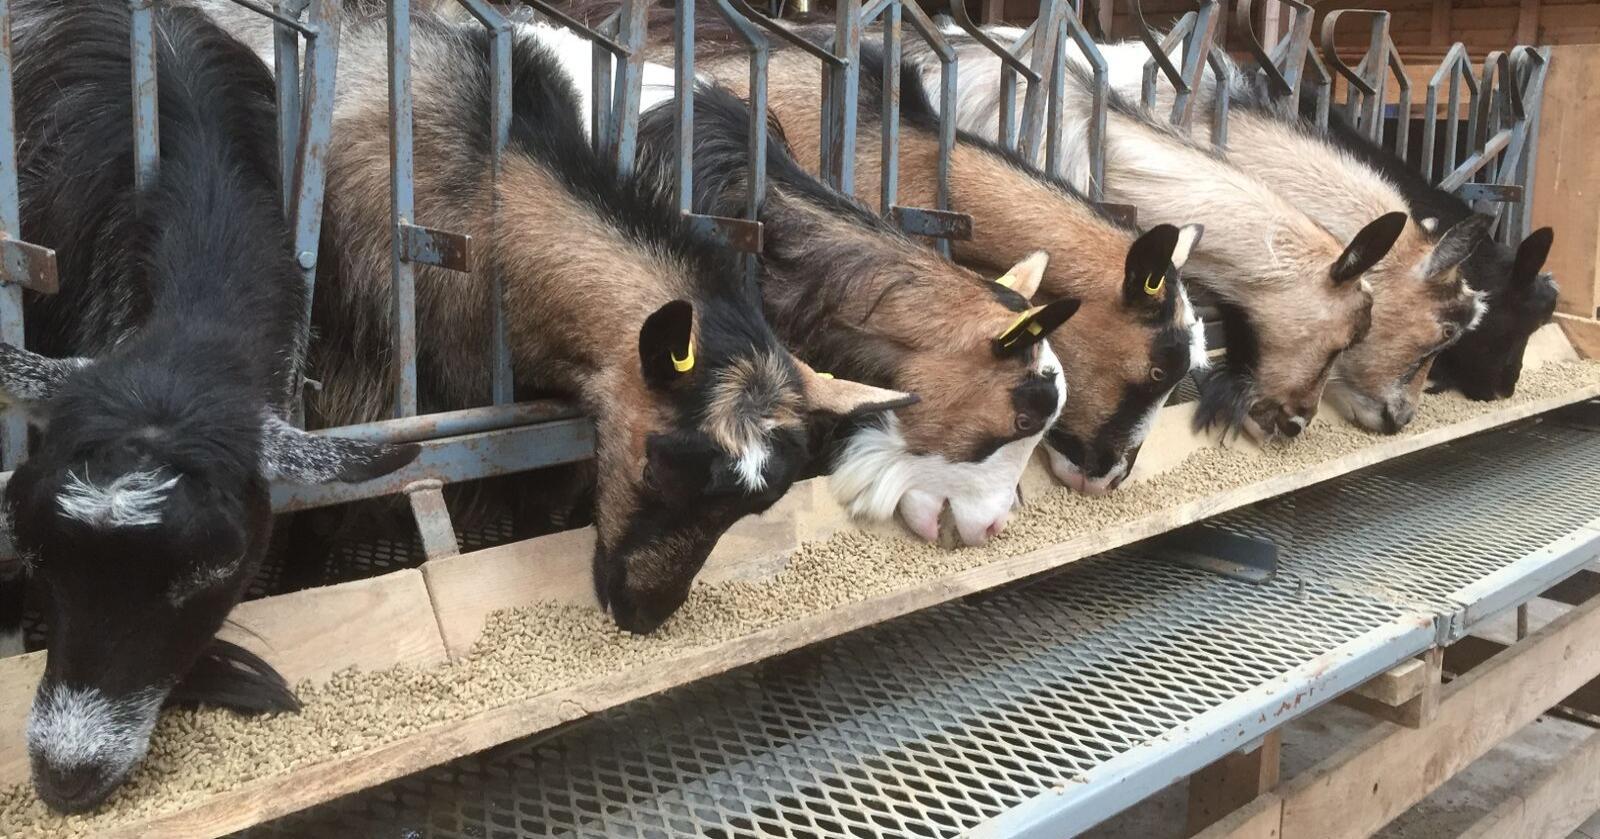 Det kan være aktuelt å lage et prissystem der kraftfôr til drøvtyggere prises høyere enn kraftfôr til andre husdyr, bemerker gruppa. (Foto: Karl Erik Berge)